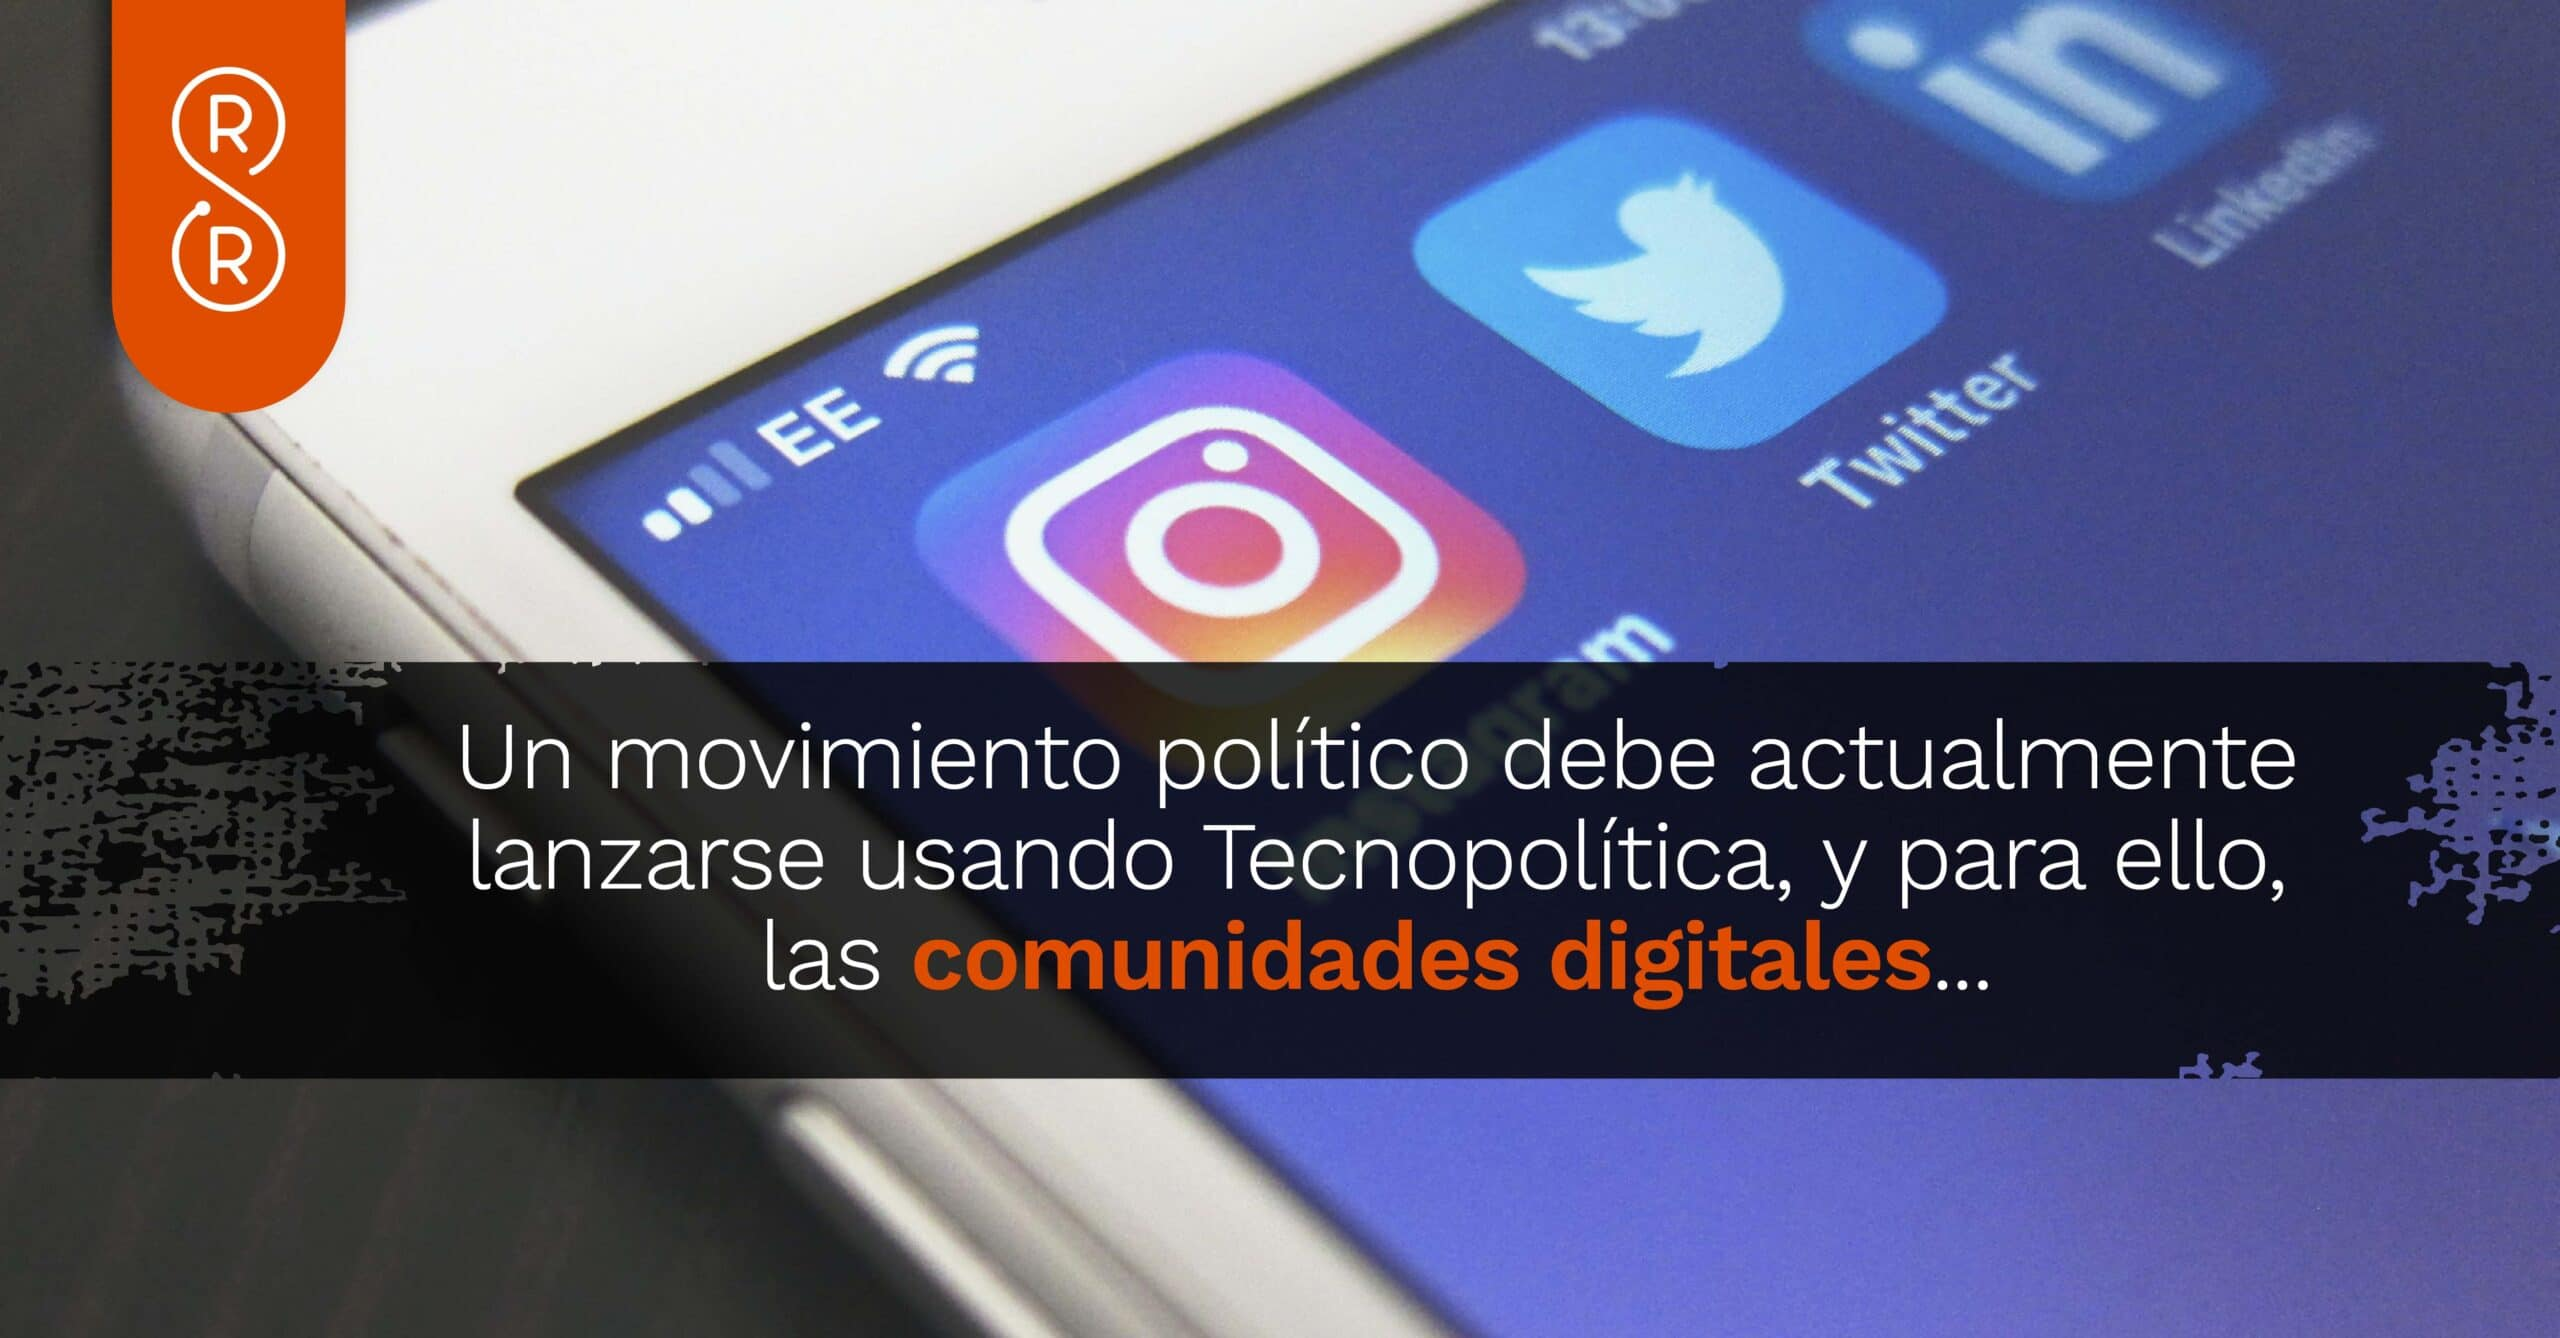 Un movimiento político debe actualmente lanzarse usando Tecnopolítica, y para ello, las comunidades digitales y todas las plataformas